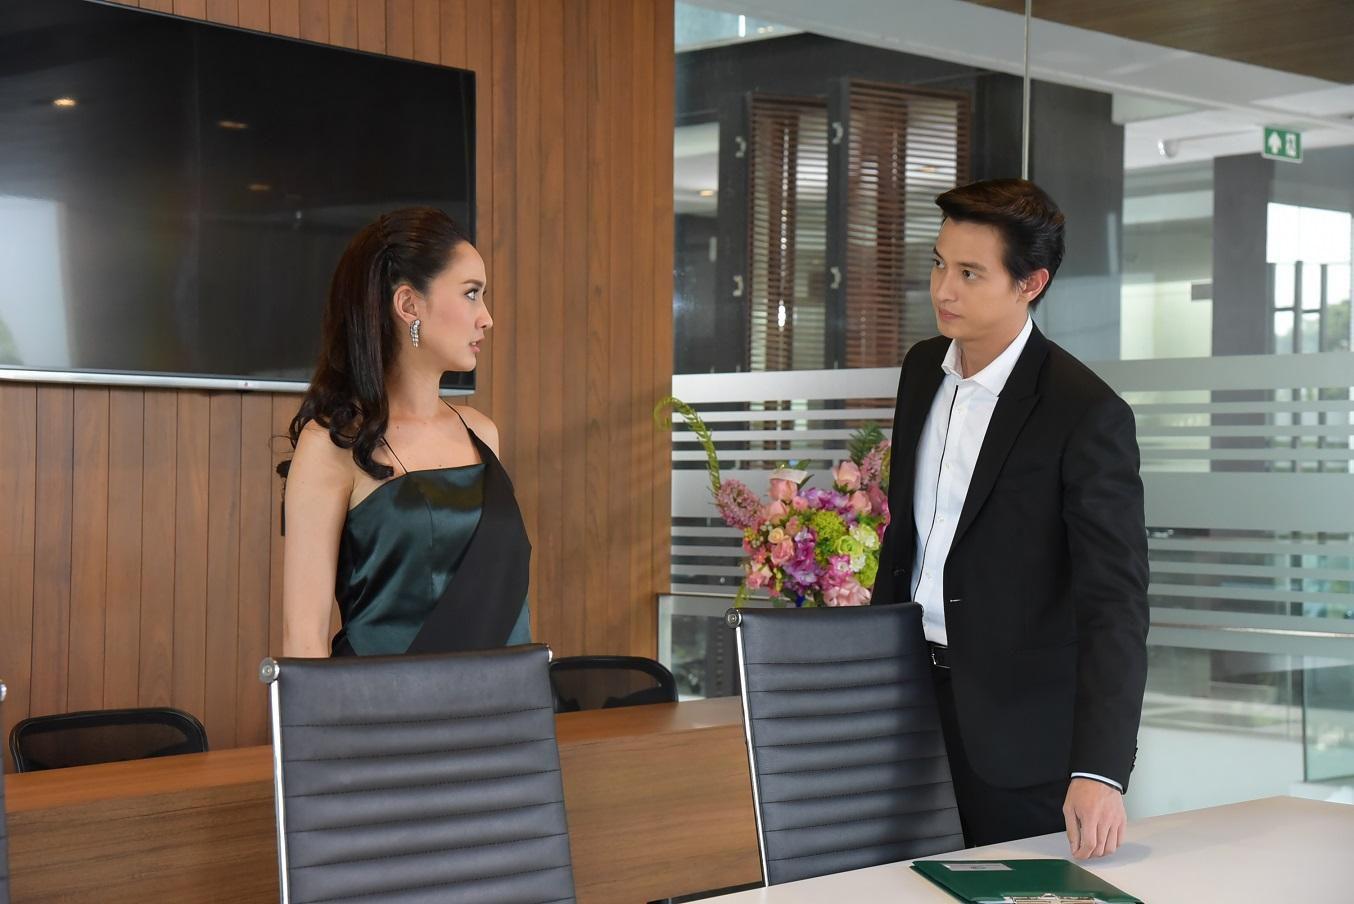 Yêu như kiểu James Ji trong phim Trò chơi tình ái, liệu bạn có muốn? (3)